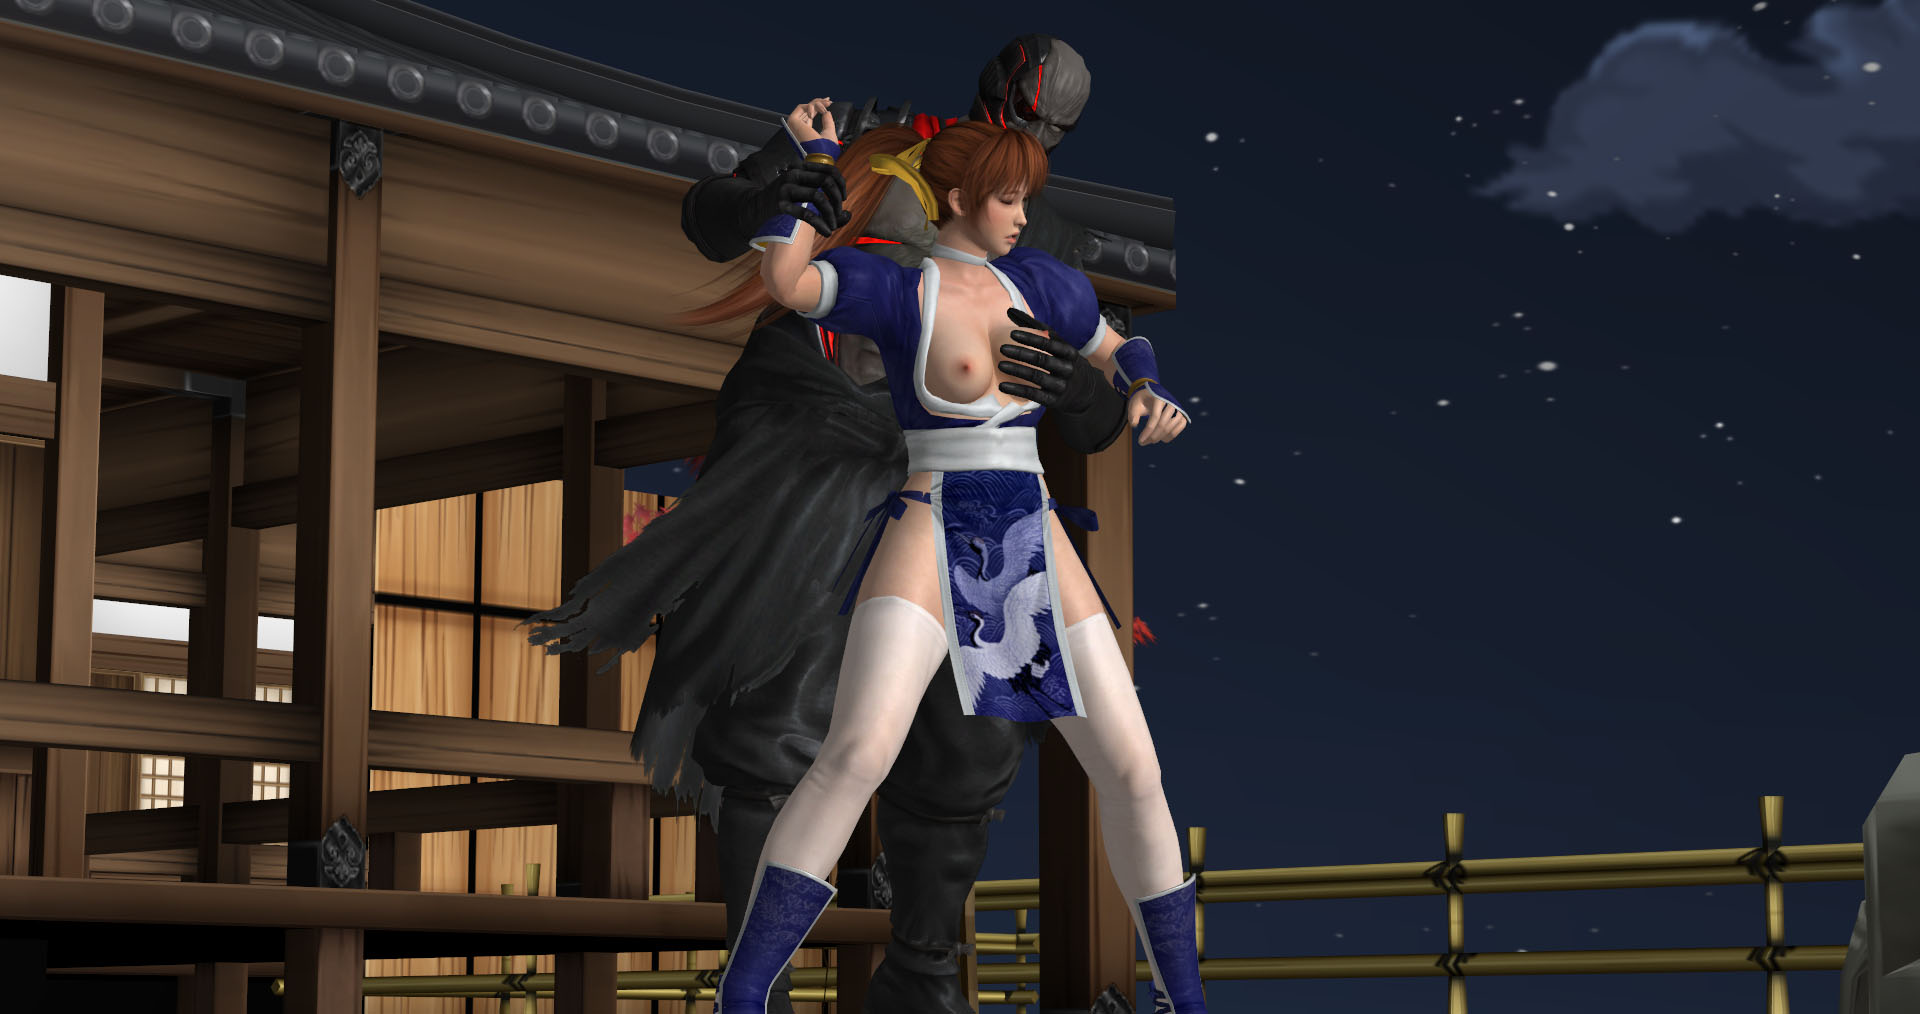 raidou_raping_kunoichi_0049_layer_8_by_bitemonsters-dbgv5im.jpg